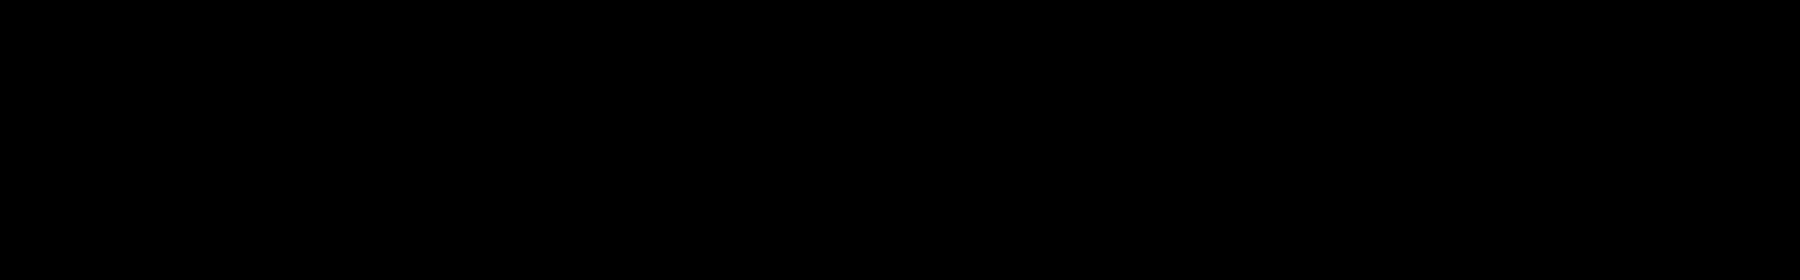 Hexabass Bundle audio waveform